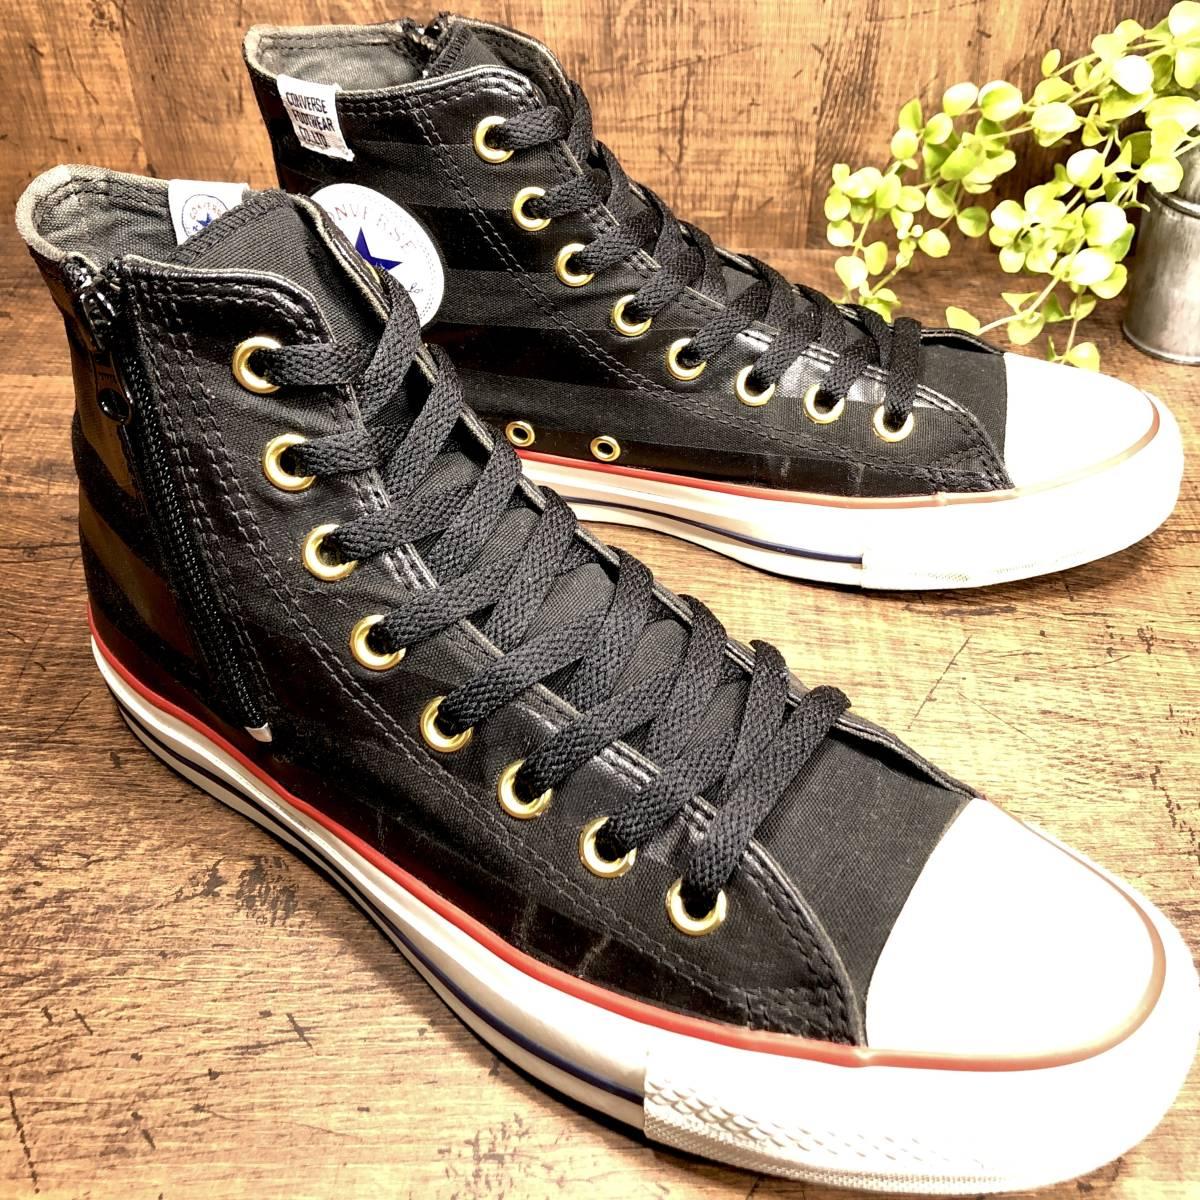 ■CONVERSE ALL STAR■ 26.5cm US8 黒 ブラック コンバース オールスター ハイカットスニーカー サイドジップ メンズ 靴 くつ 8ホール 即決